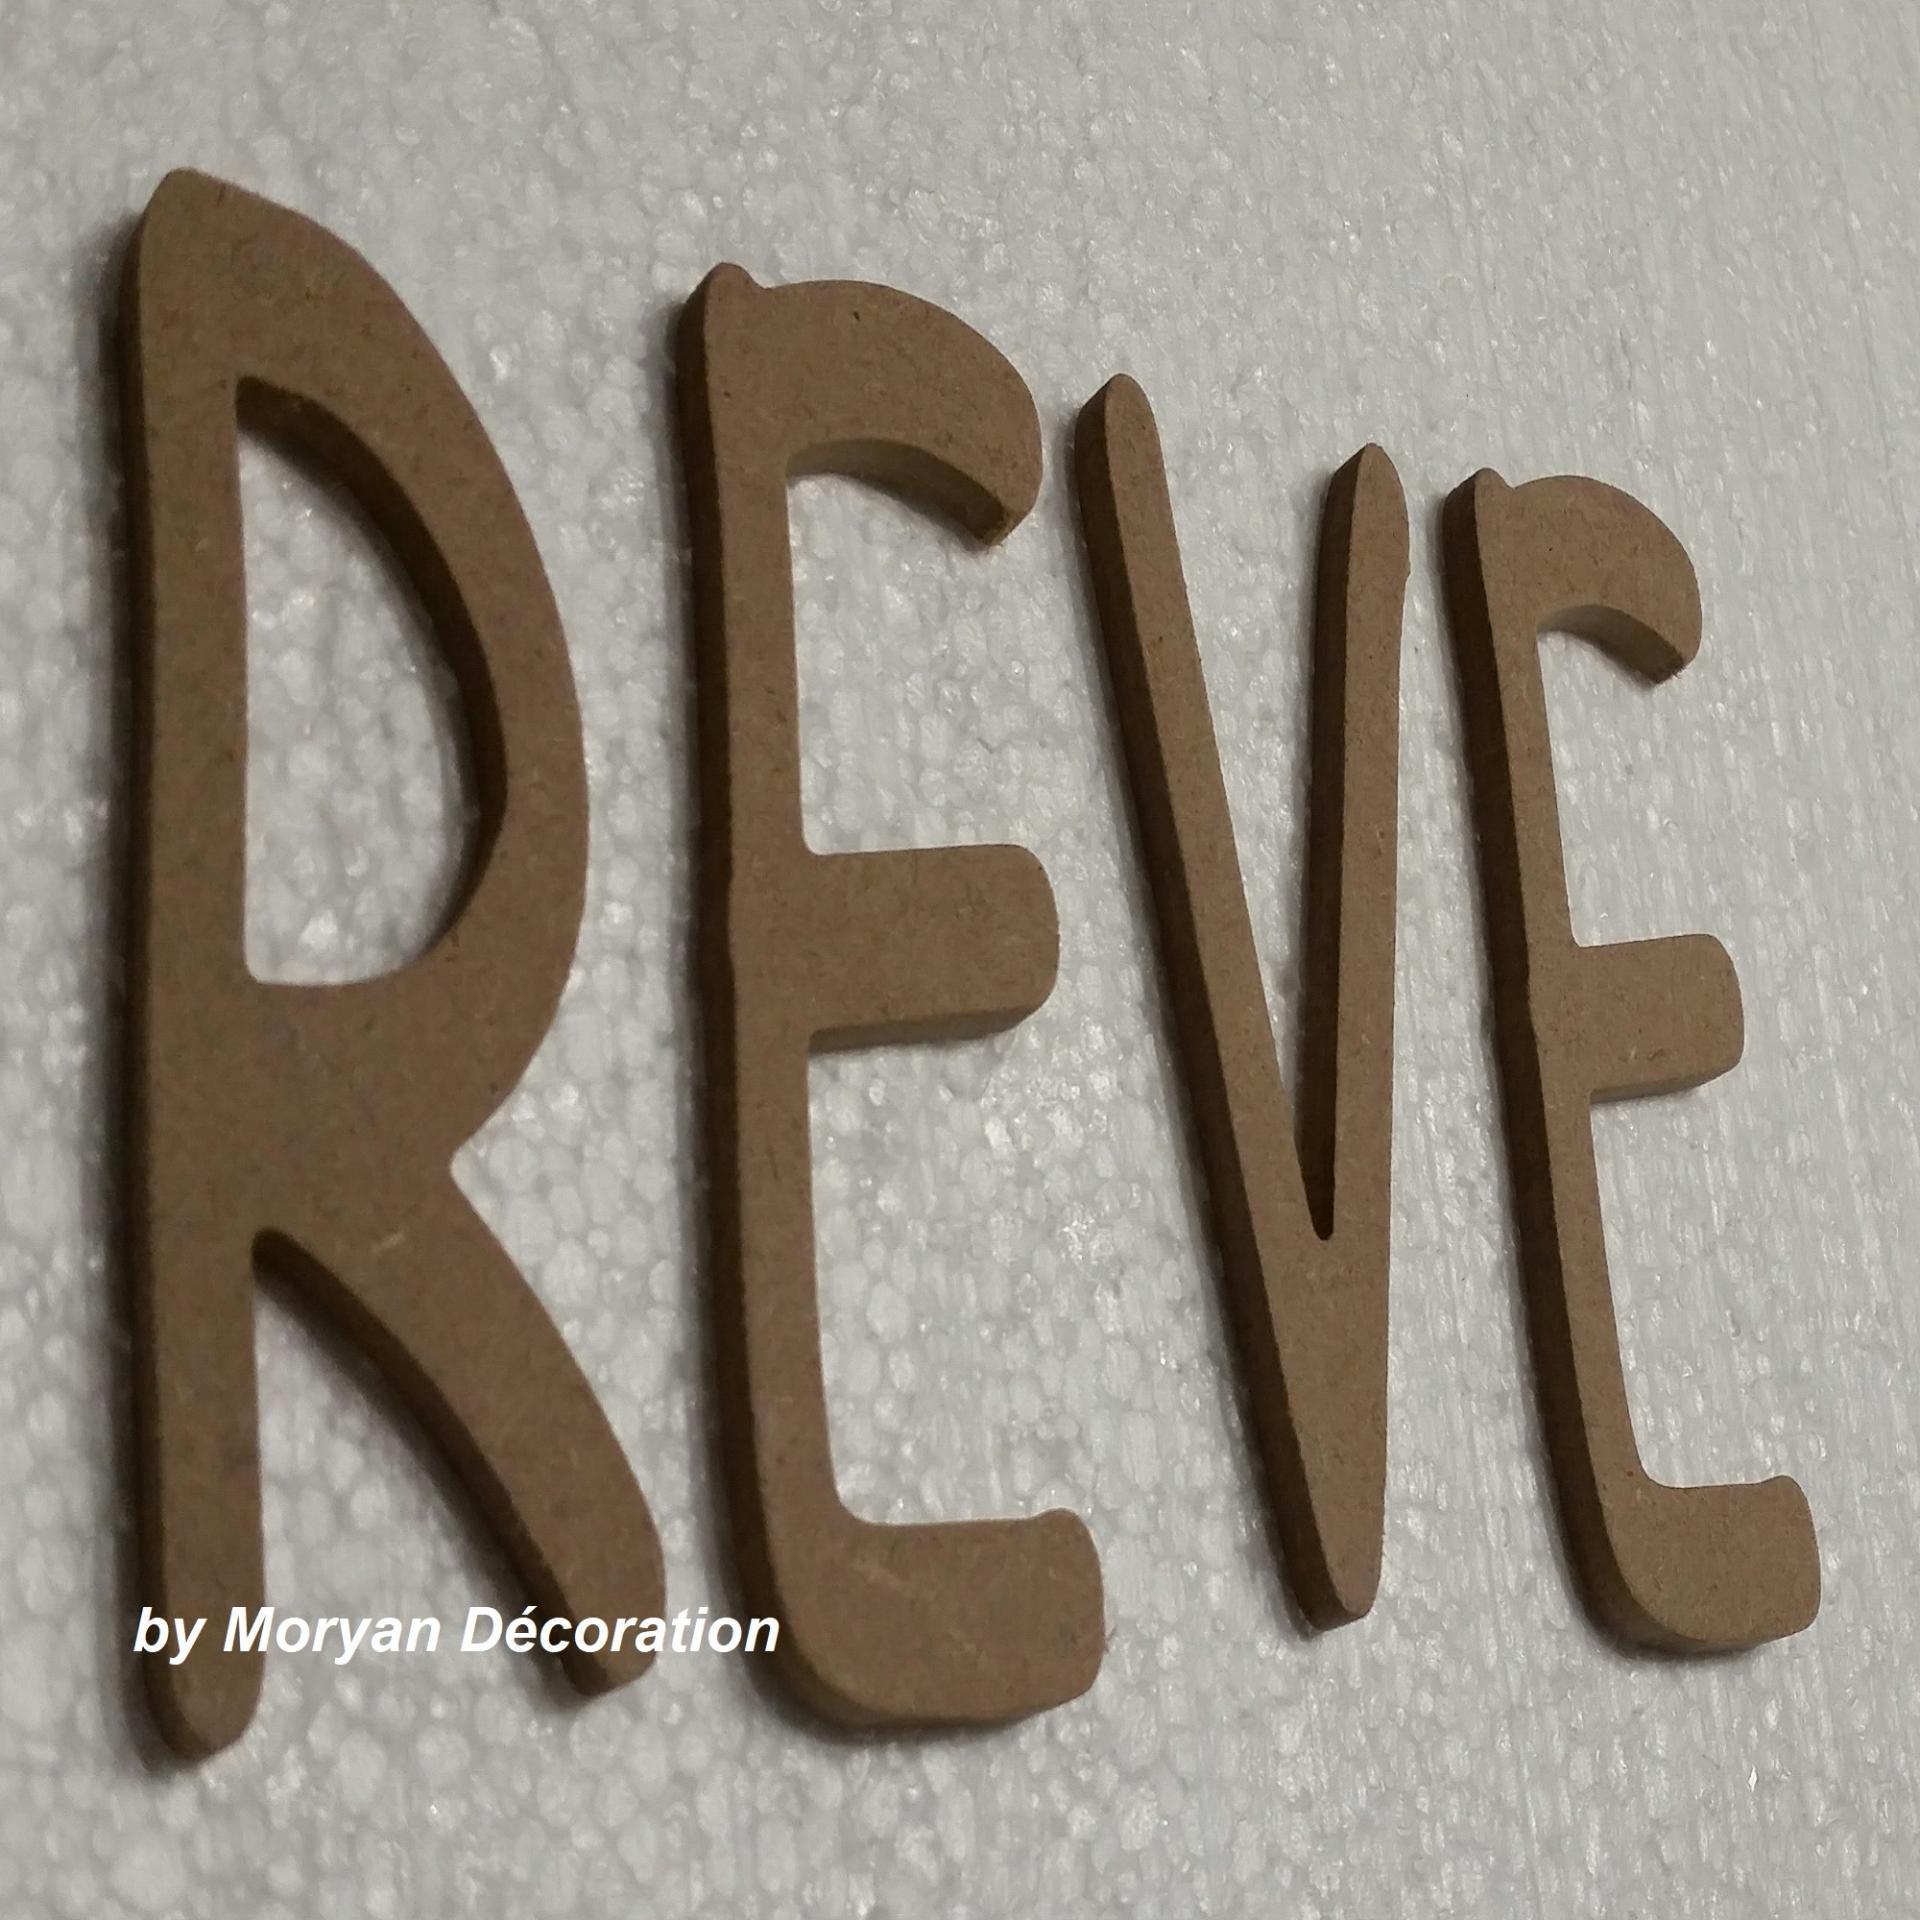 Lettres decoratives en bois a peindre ou a decorer reve